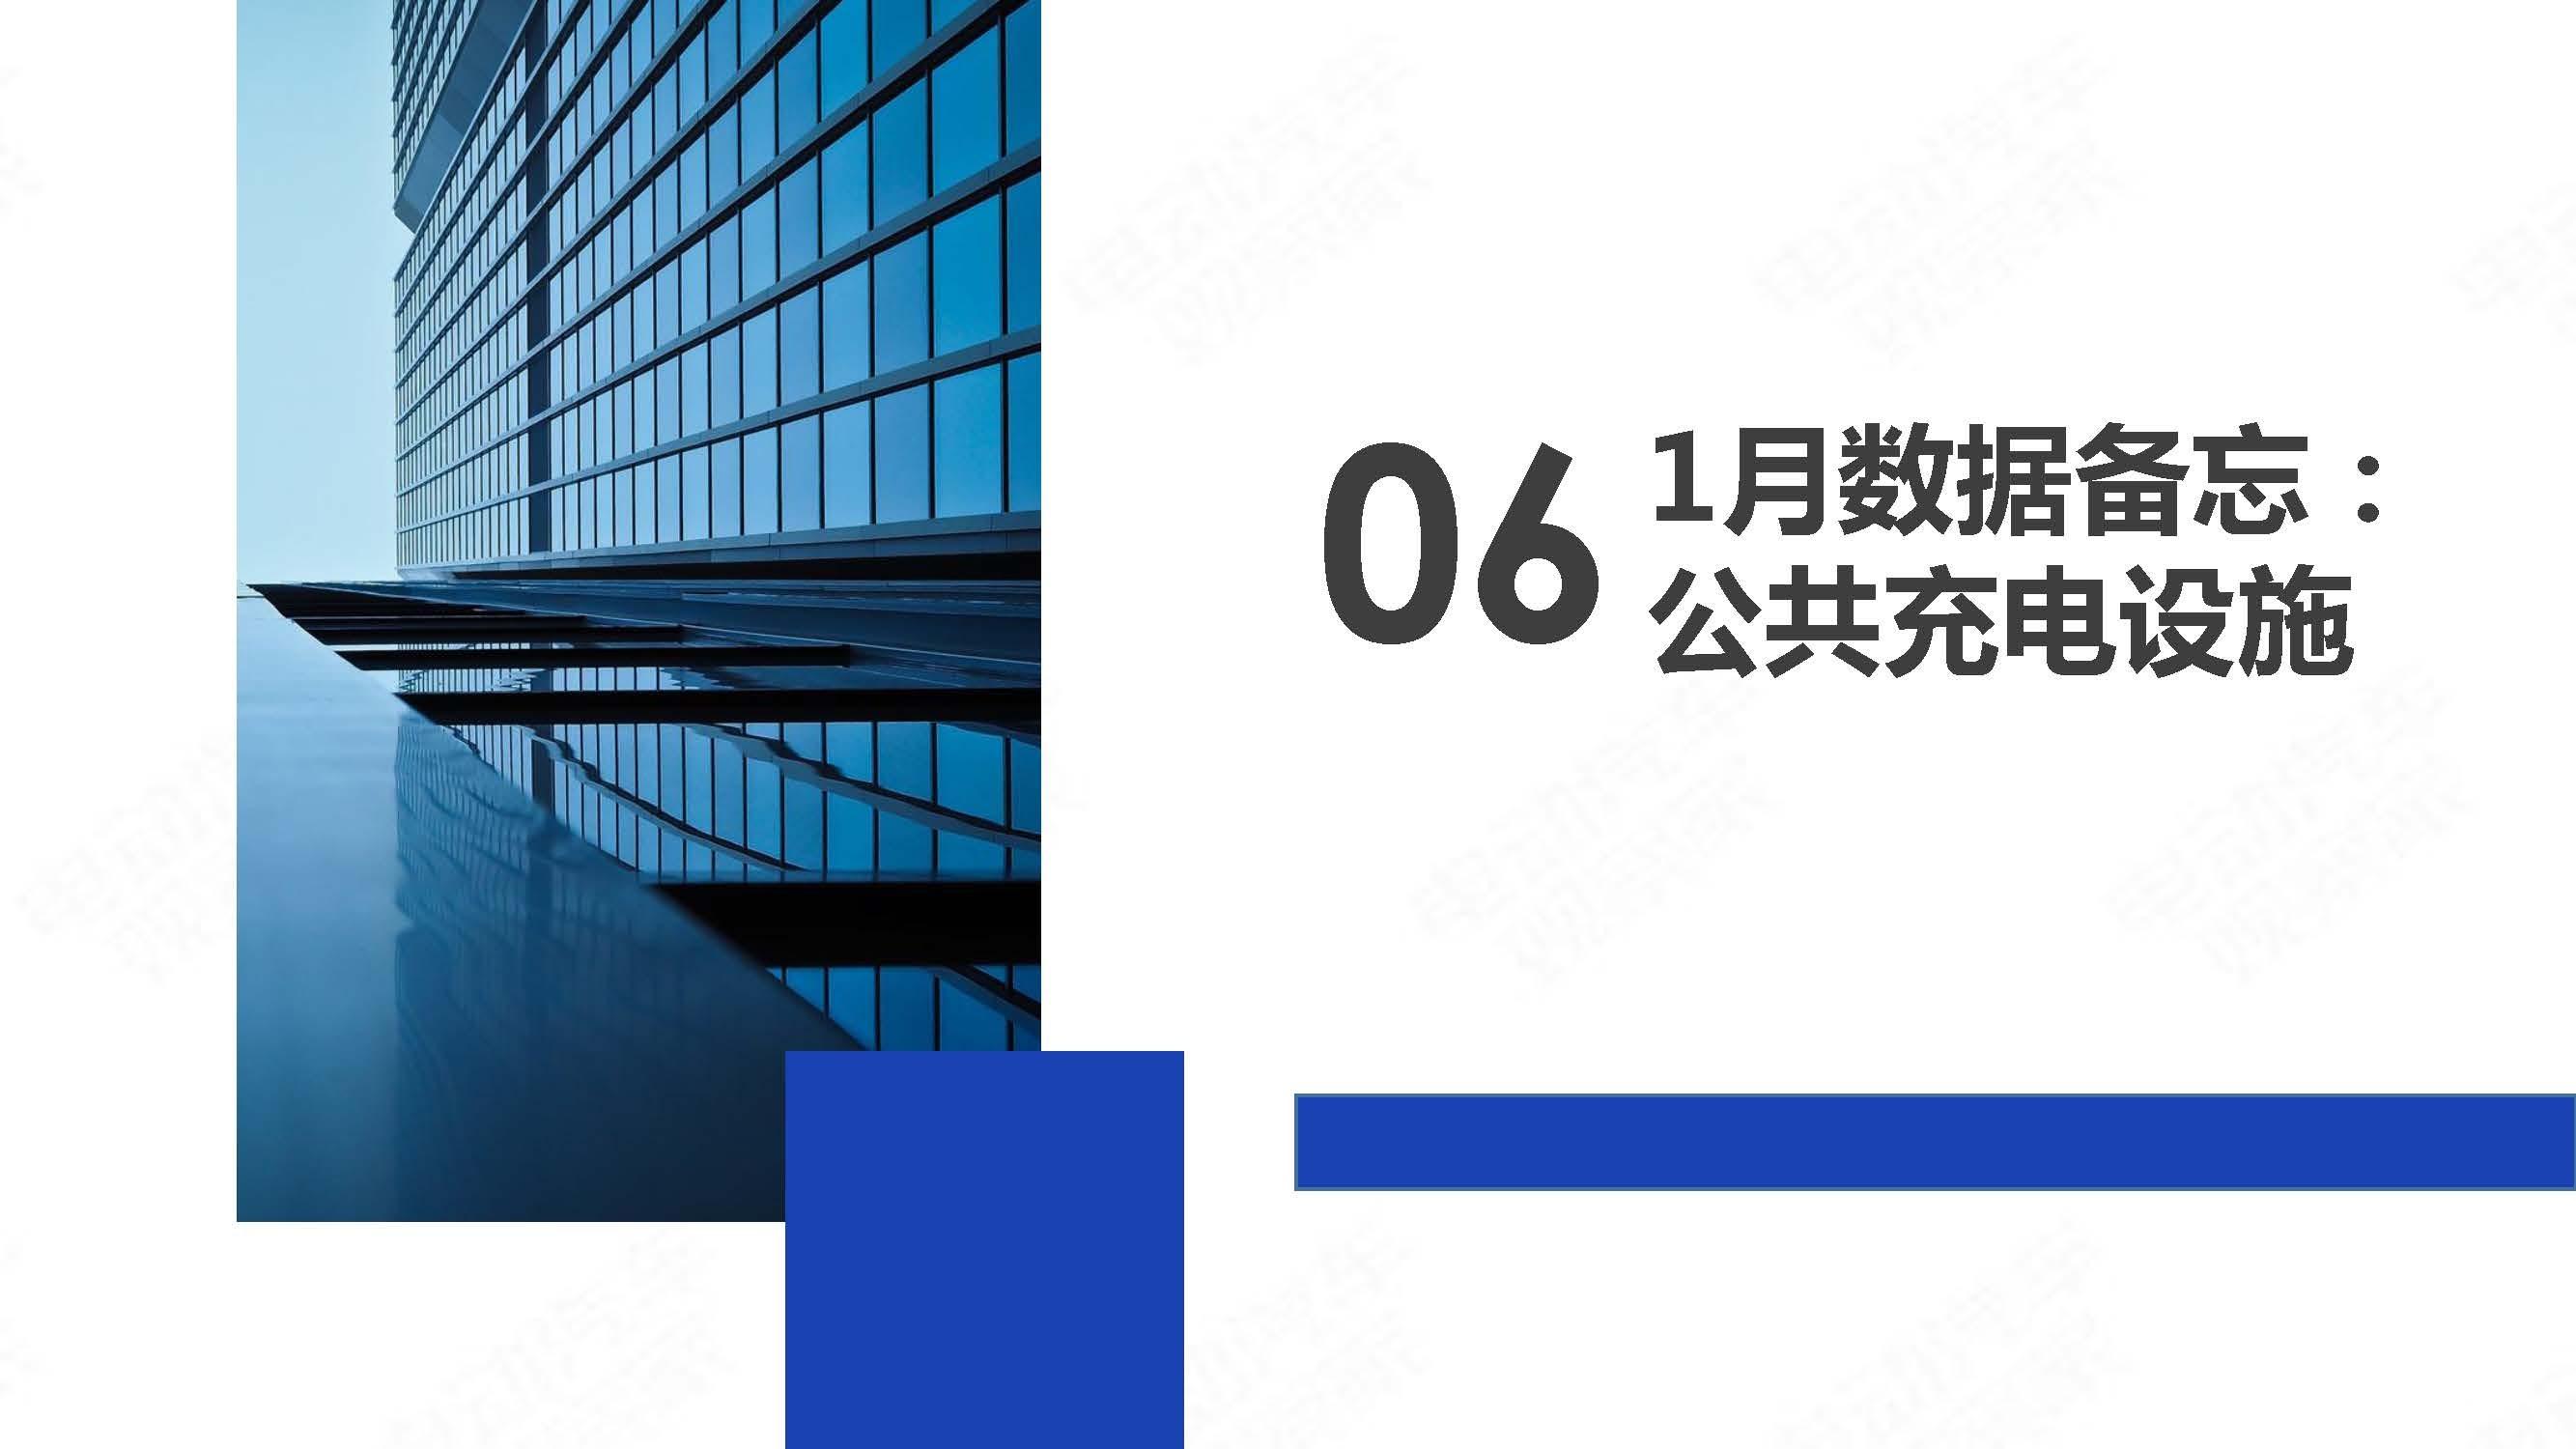 中国新能源汽车产业观察202001简略版_页面_33